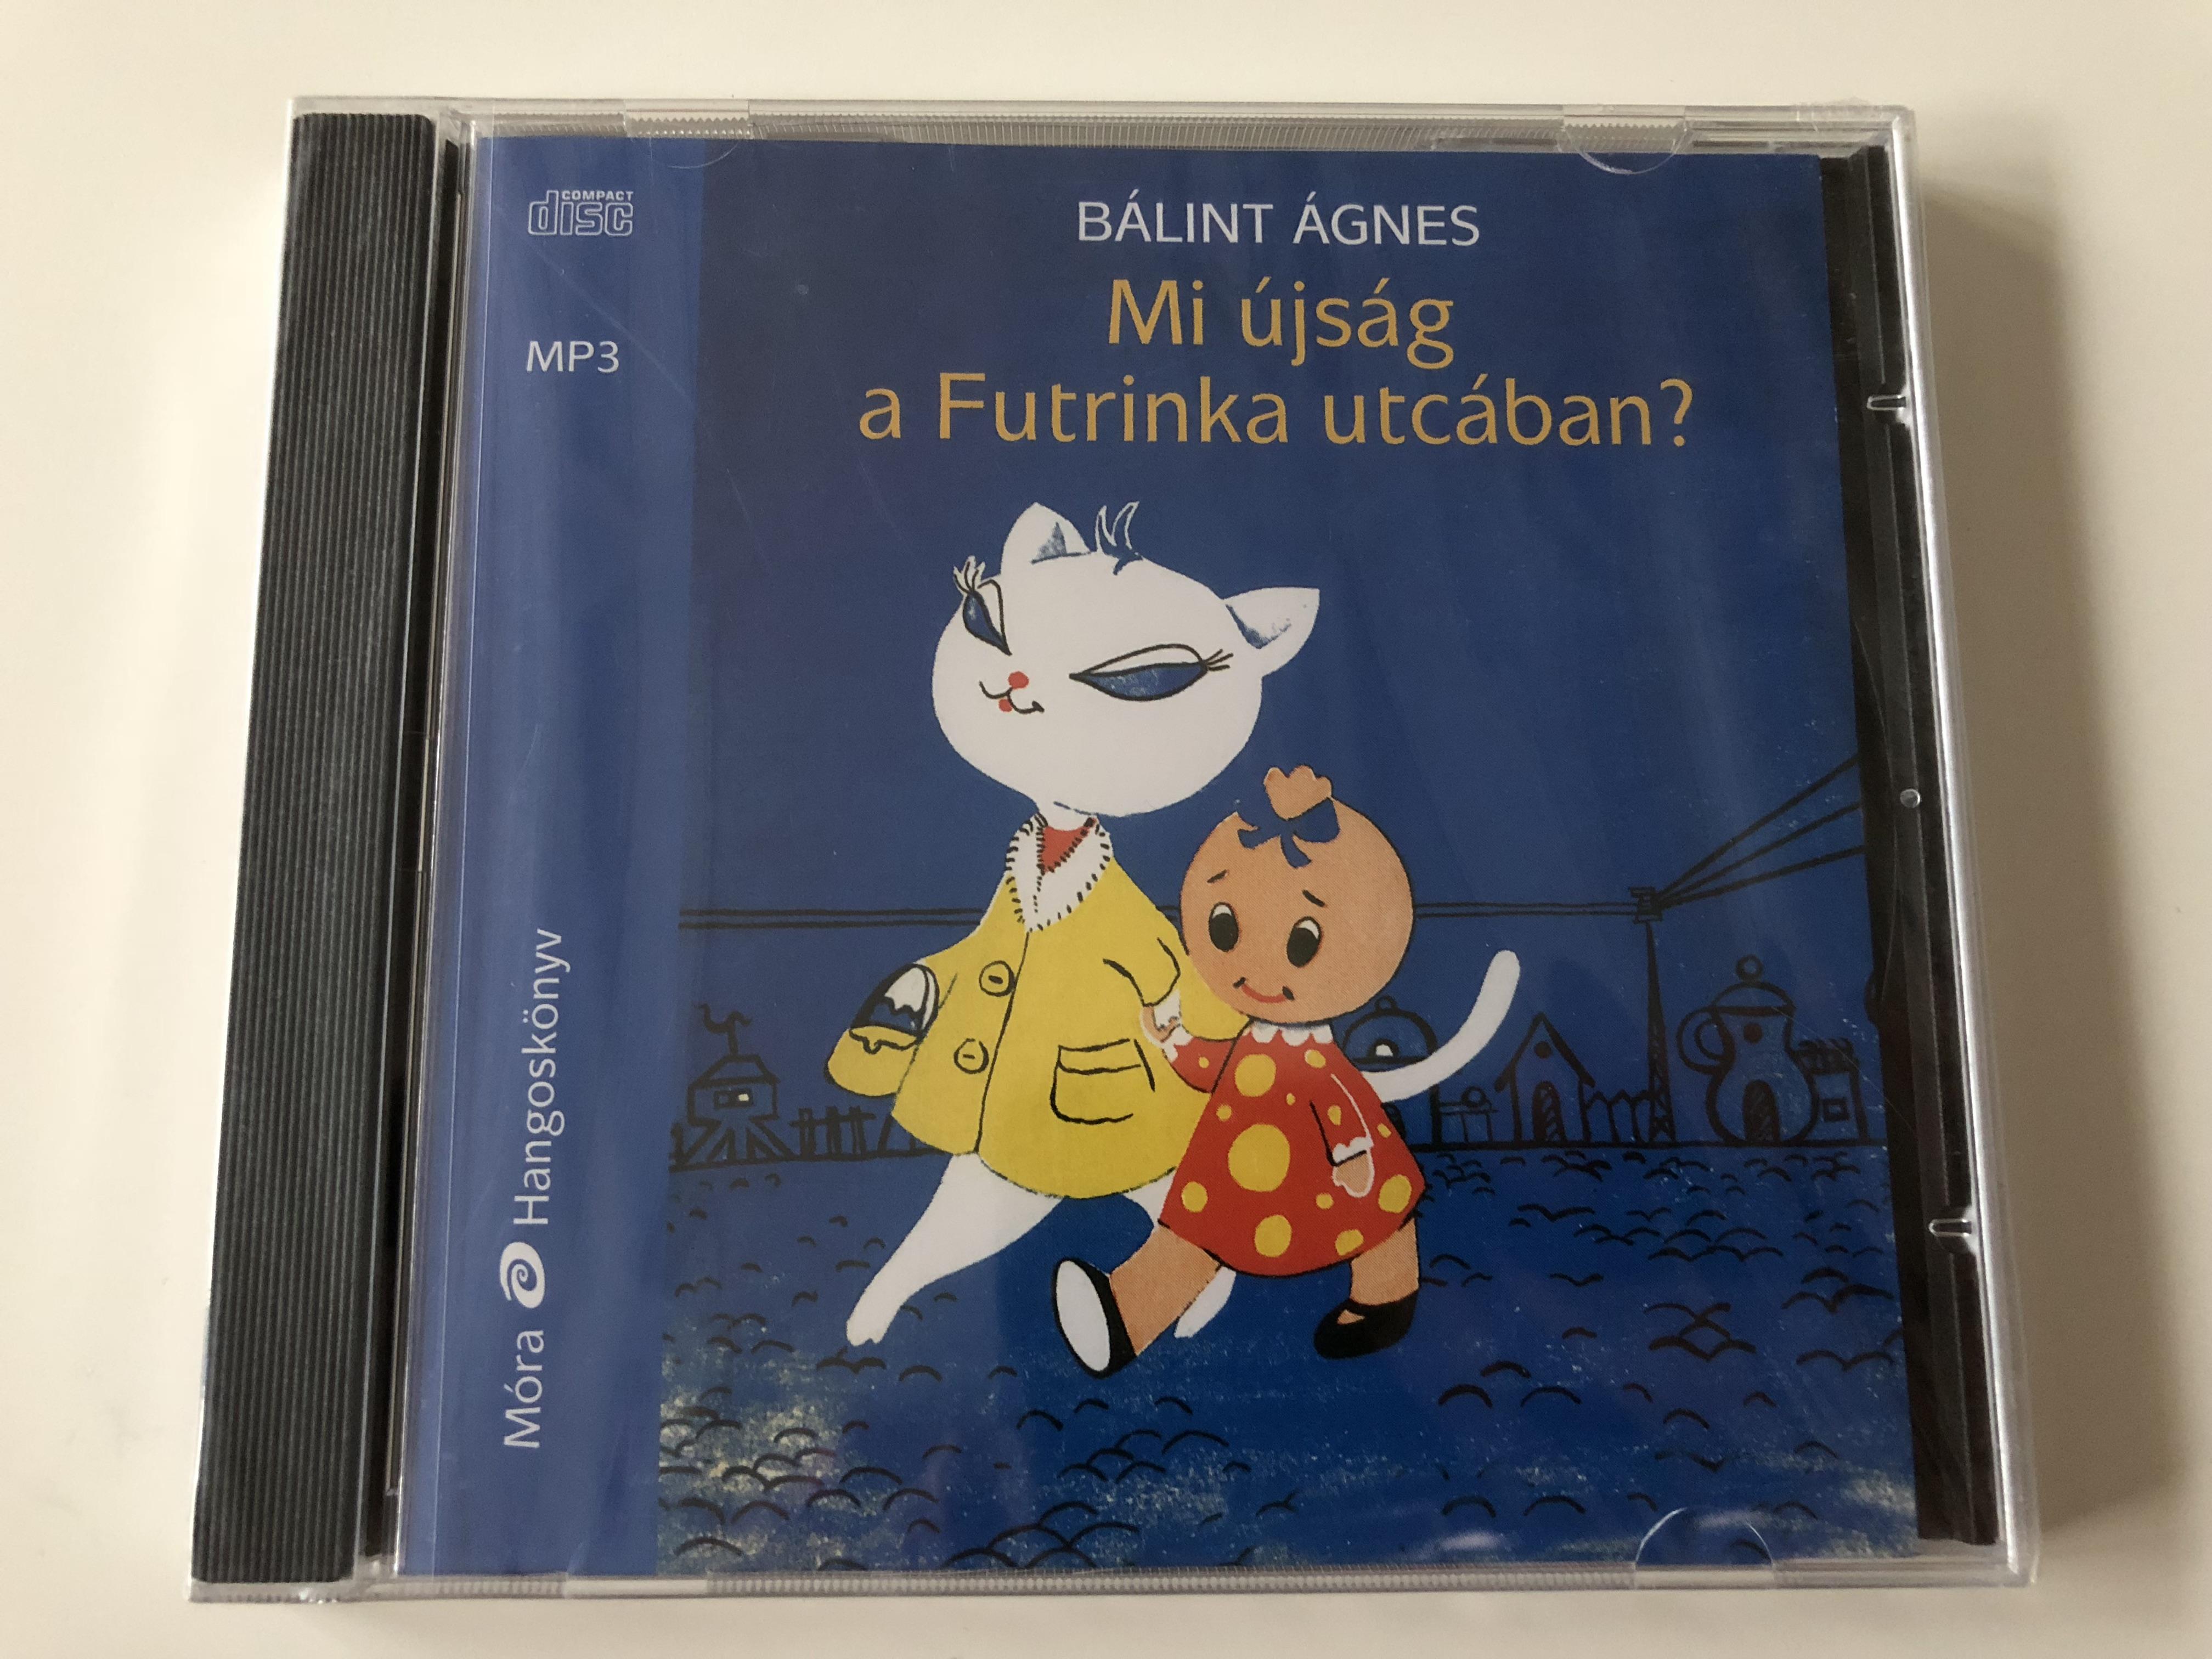 mi-js-g-a-futrinka-utc-ban-by-b-lint-gnes-hungarian-language-mp3-audio-book-read-by-k-tv-lgyi-erzs-bet-m-ra-hangosk-nyv-2-.jpg